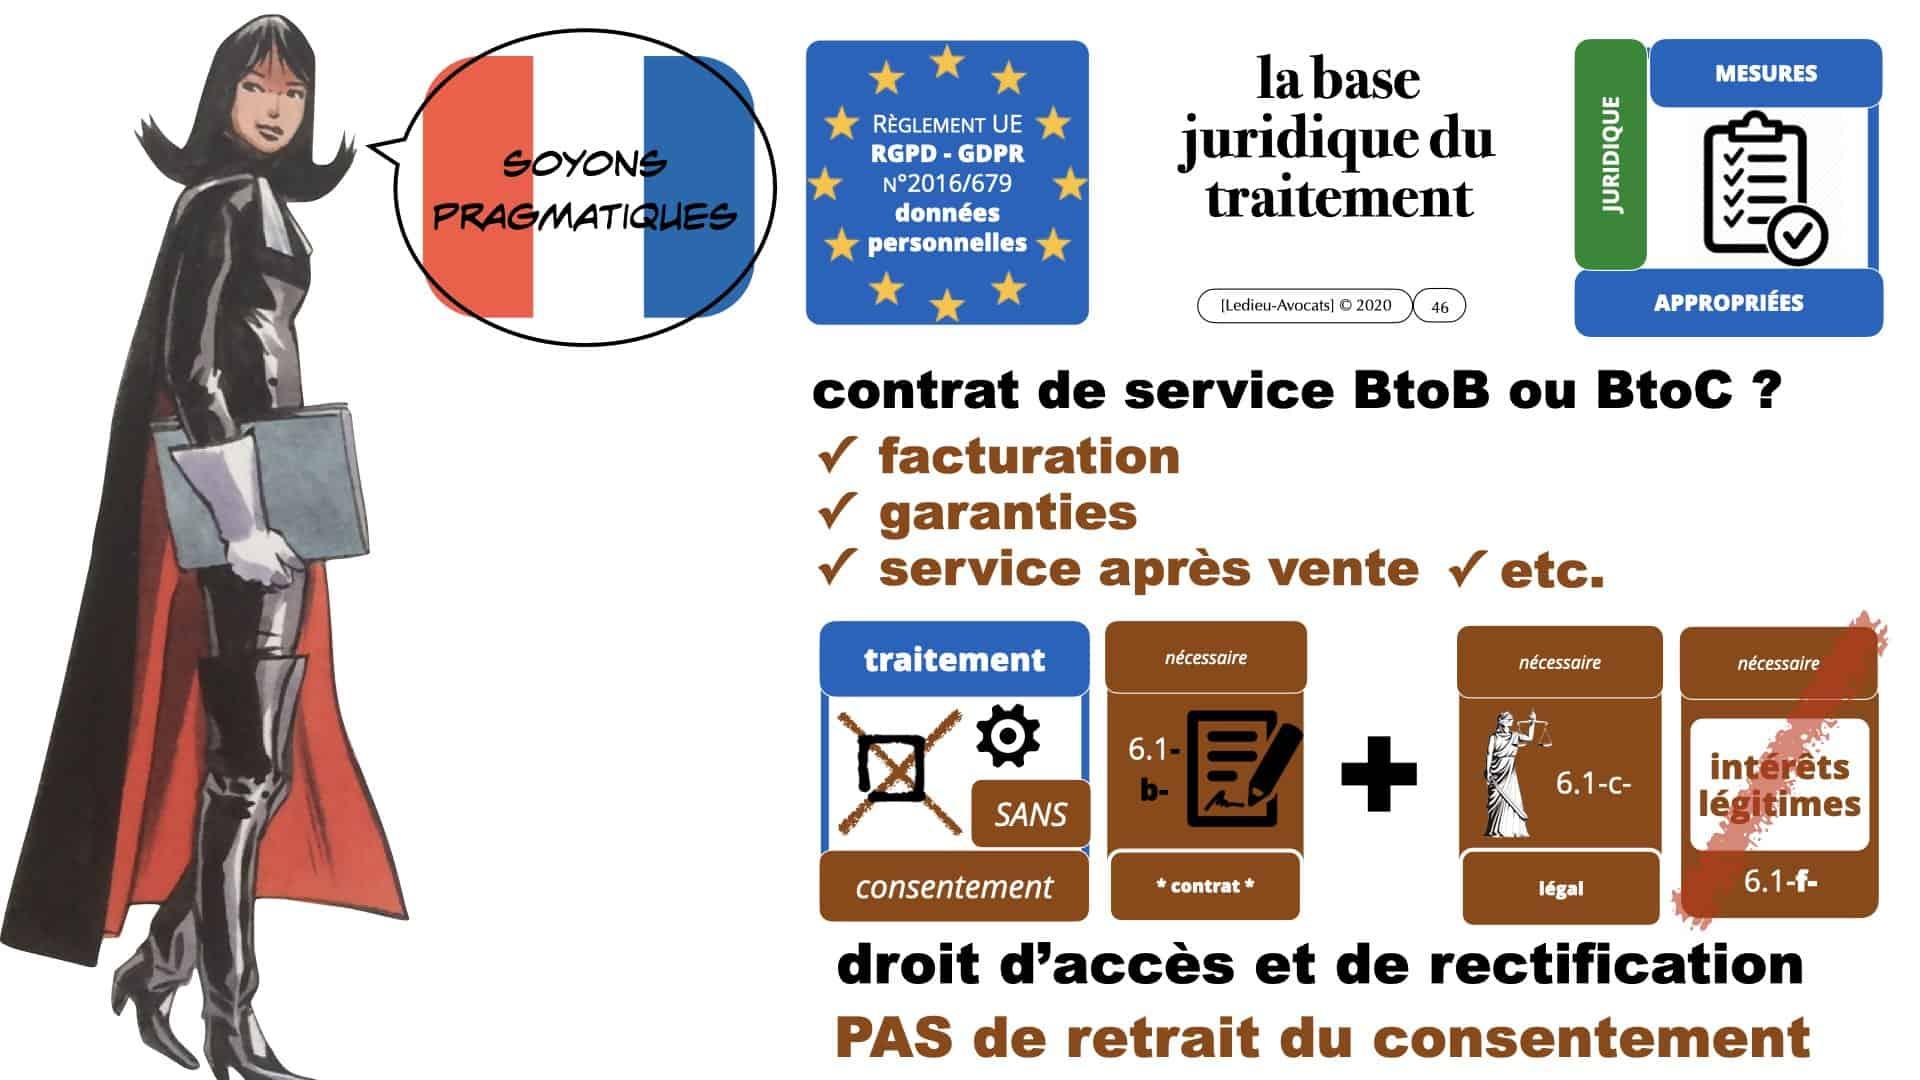 RGPD délibération CNIL Spartoo du 28 juillet 2020 n°SAN 2020-003 *16:9* ©Ledieu-Avocats 19-09-2020.046